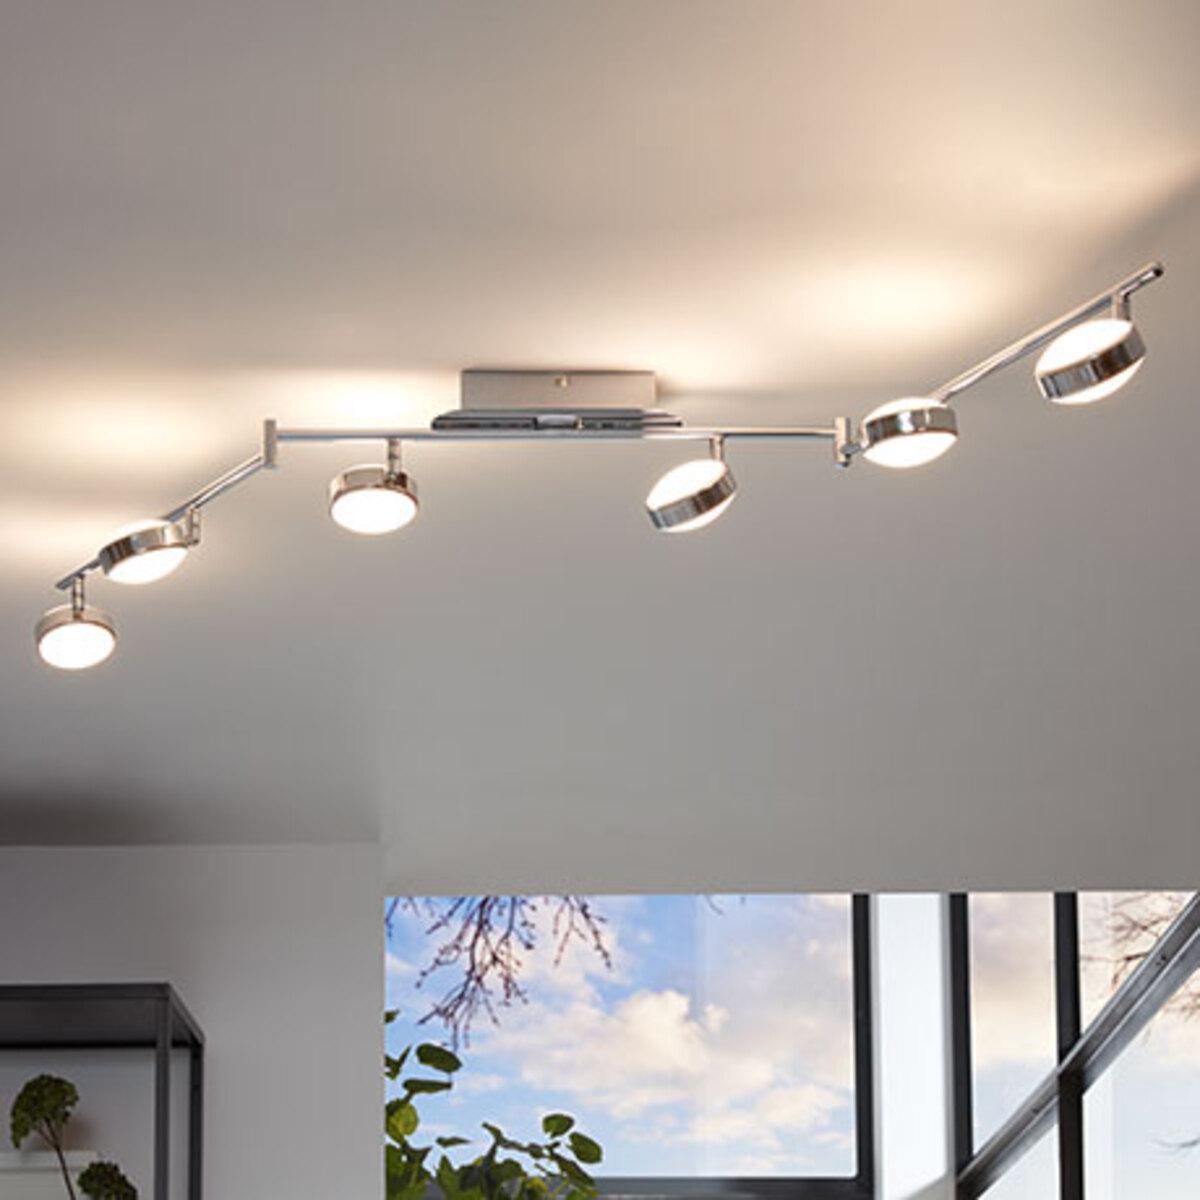 Bild 1 von LED-Deckenschiene mit 6 LED-Modulen